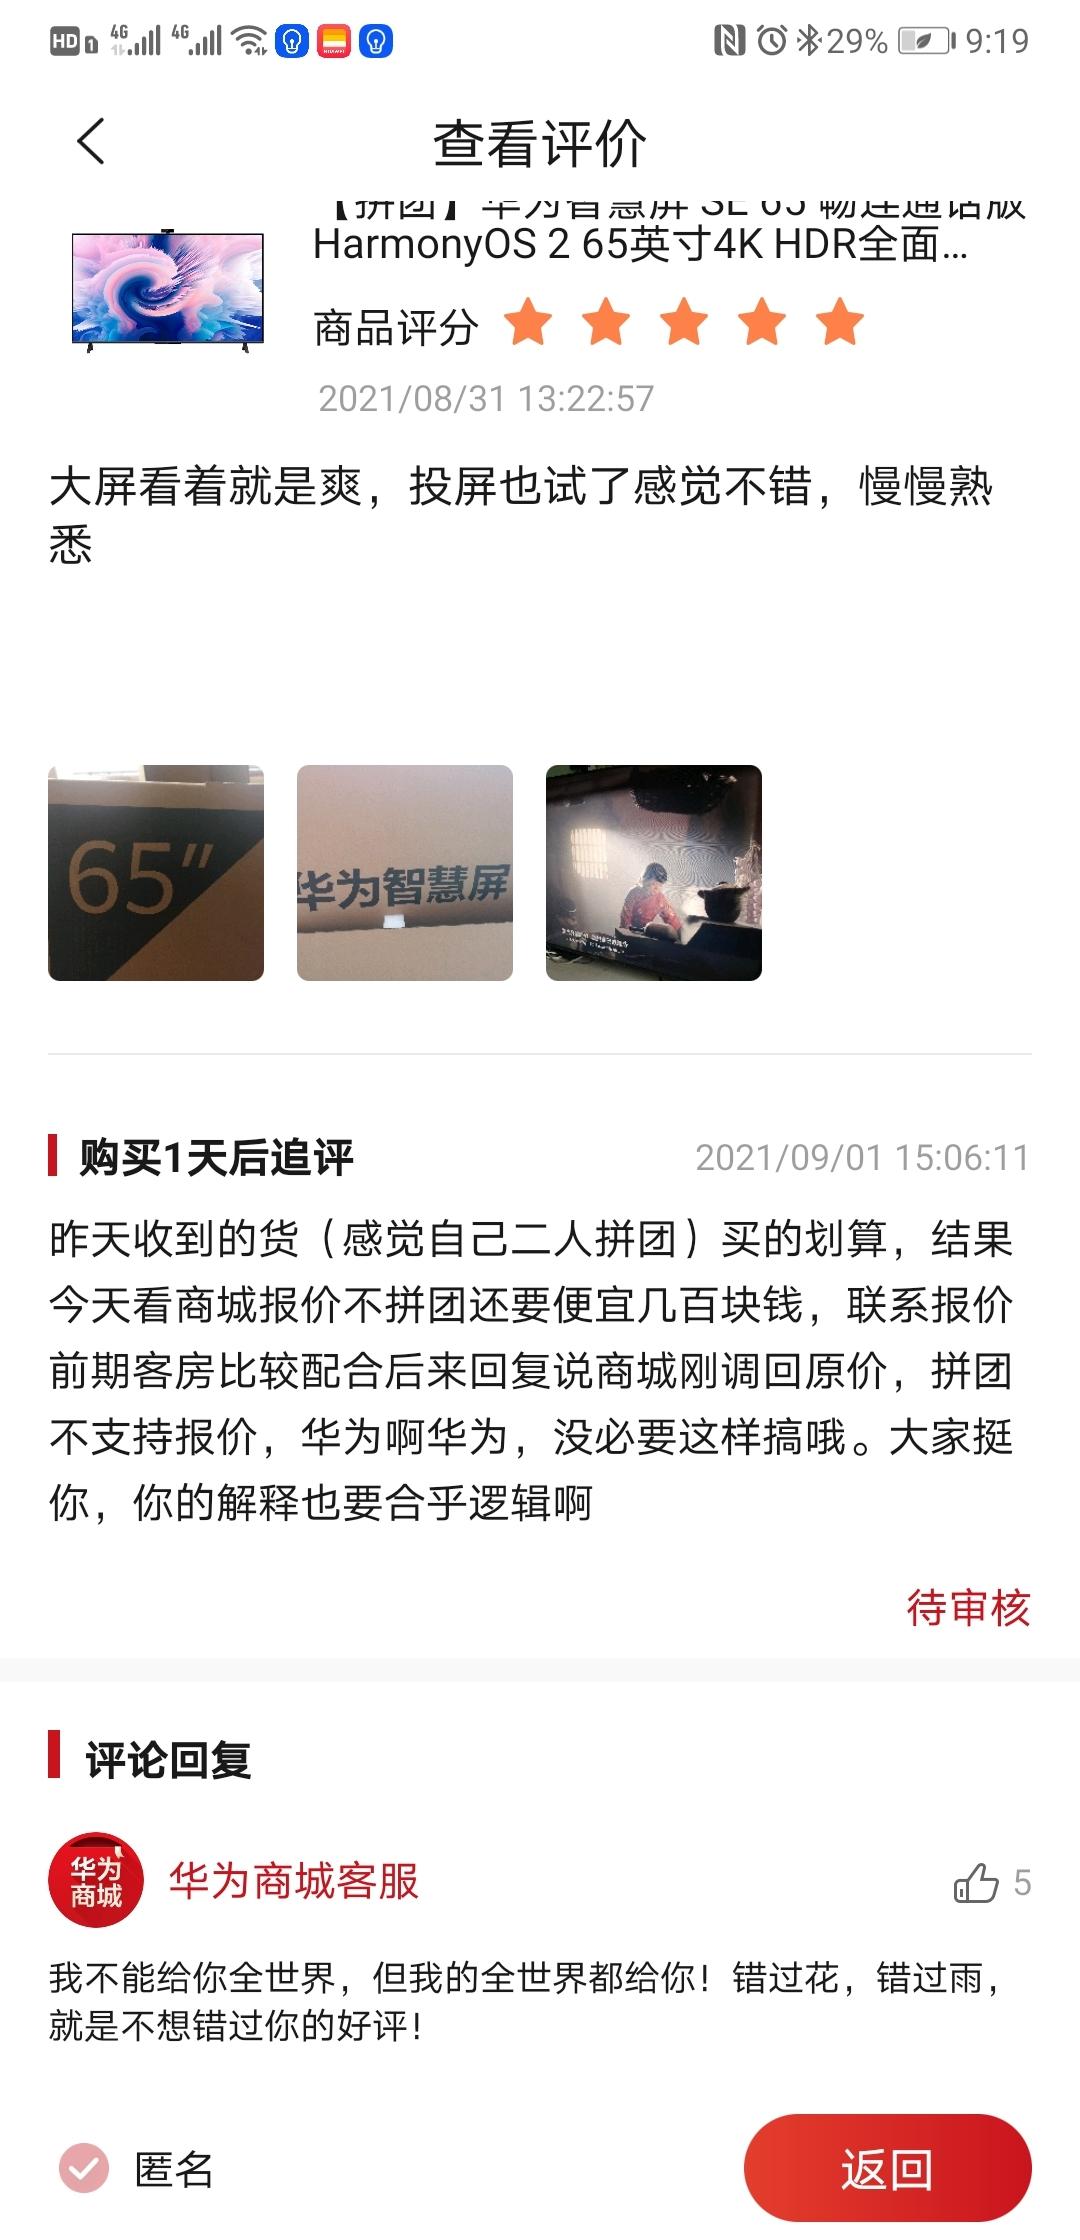 Screenshot_20210901_211905_com.vmall.client.jpg